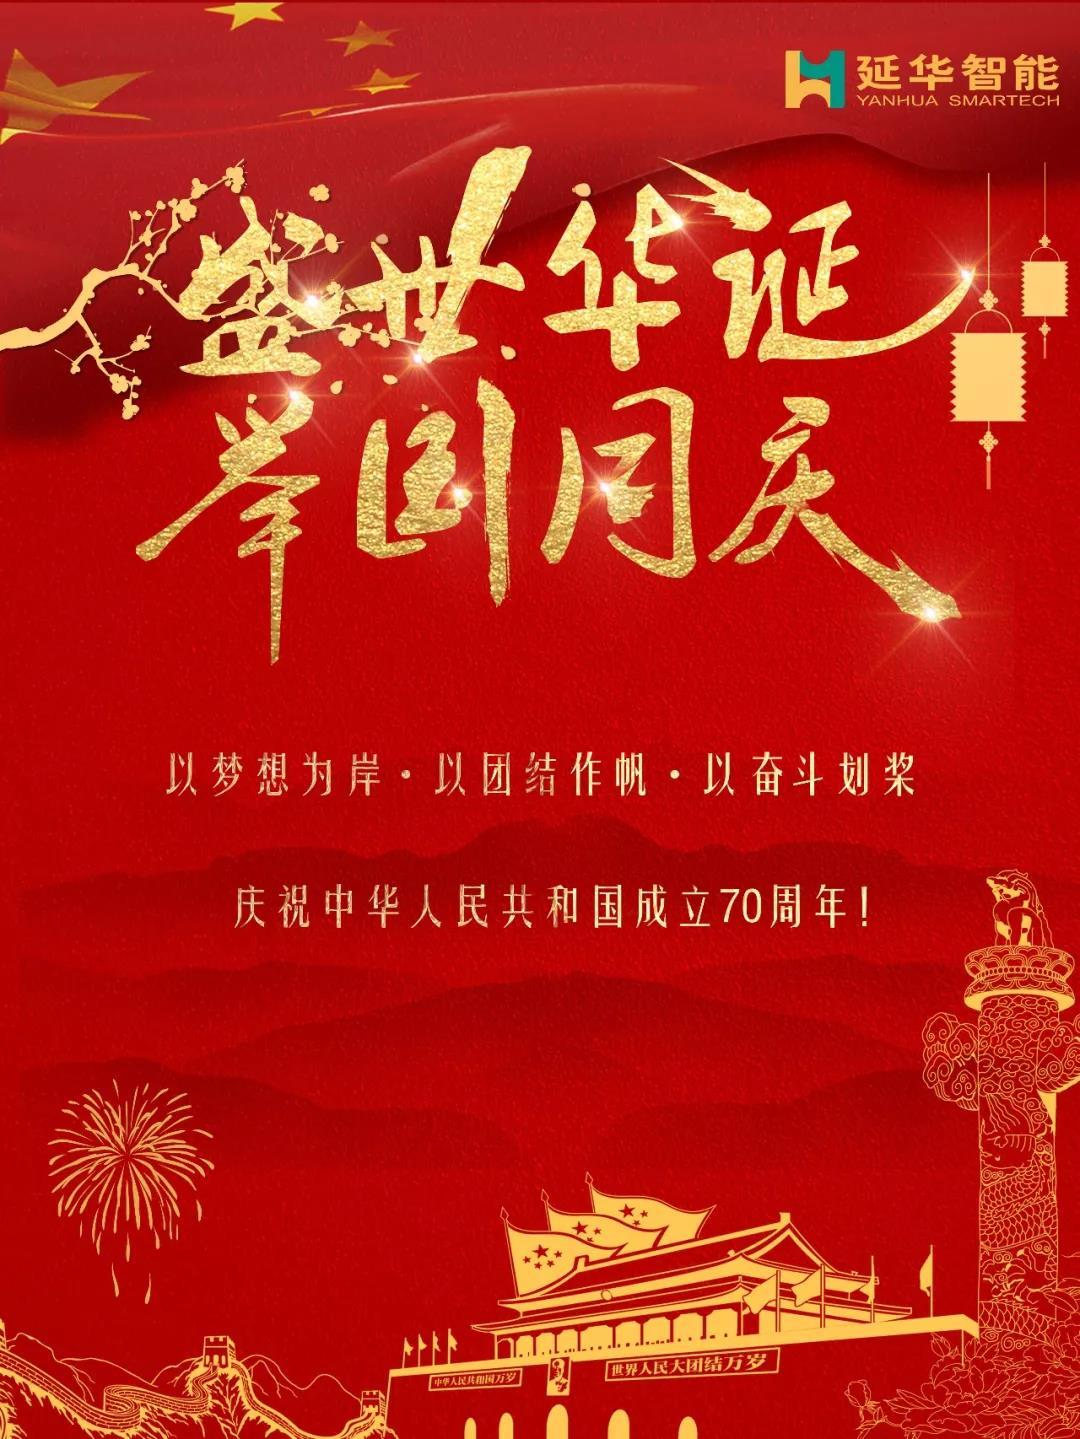 以梦想为岸ㆍ以团结作帆ㆍ以奋斗划桨丨庆祝中华人民共和国成立70周年!